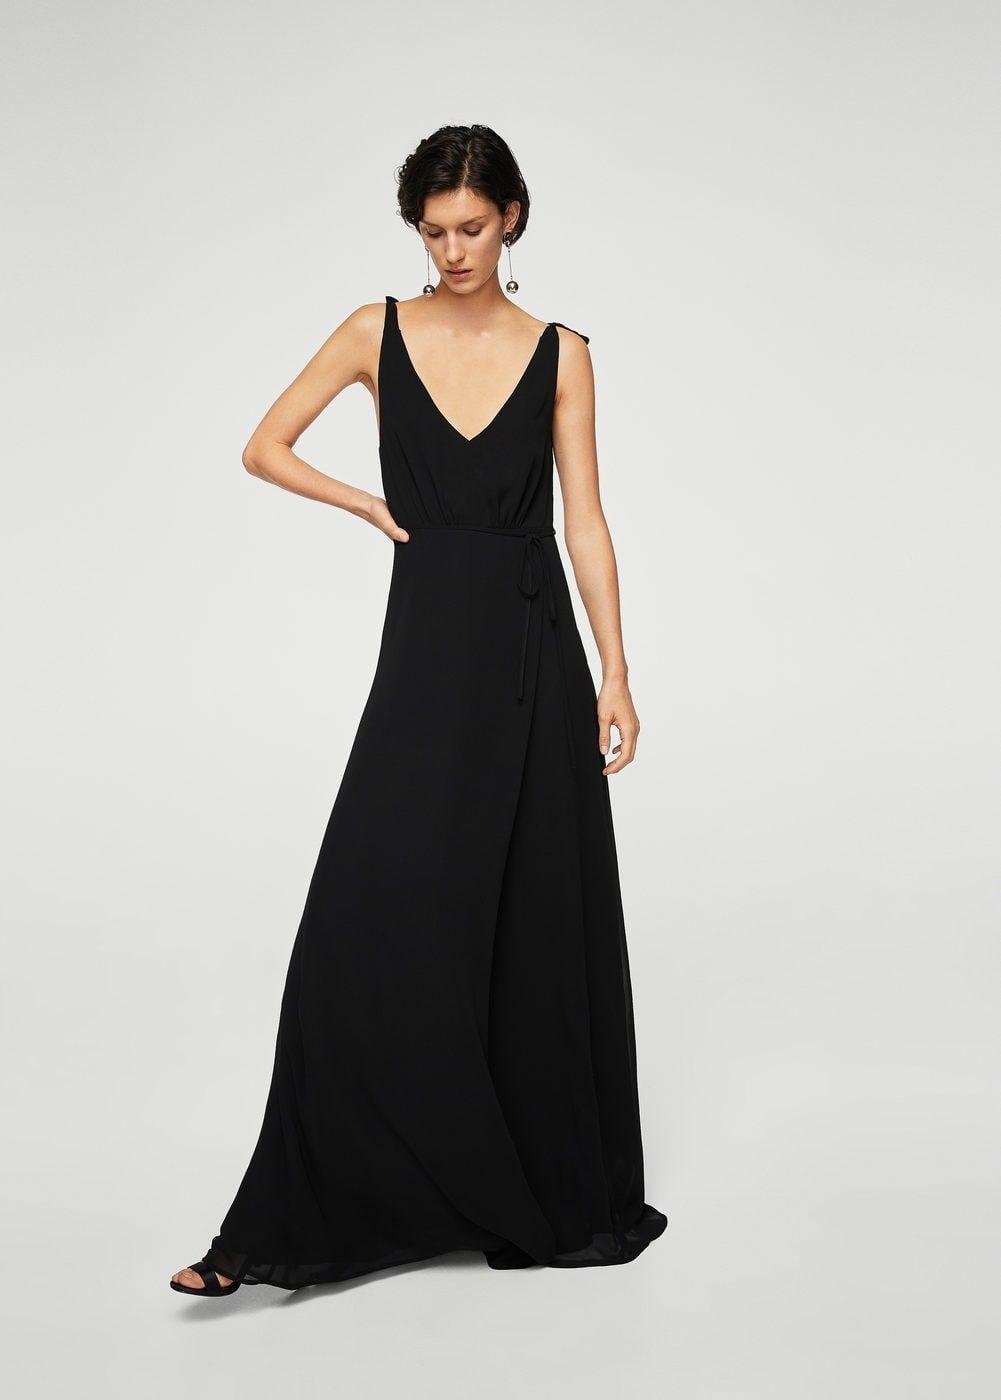 Erstaunlich Langes Enges Kleid Bester Preis Spektakulär Langes Enges Kleid Design